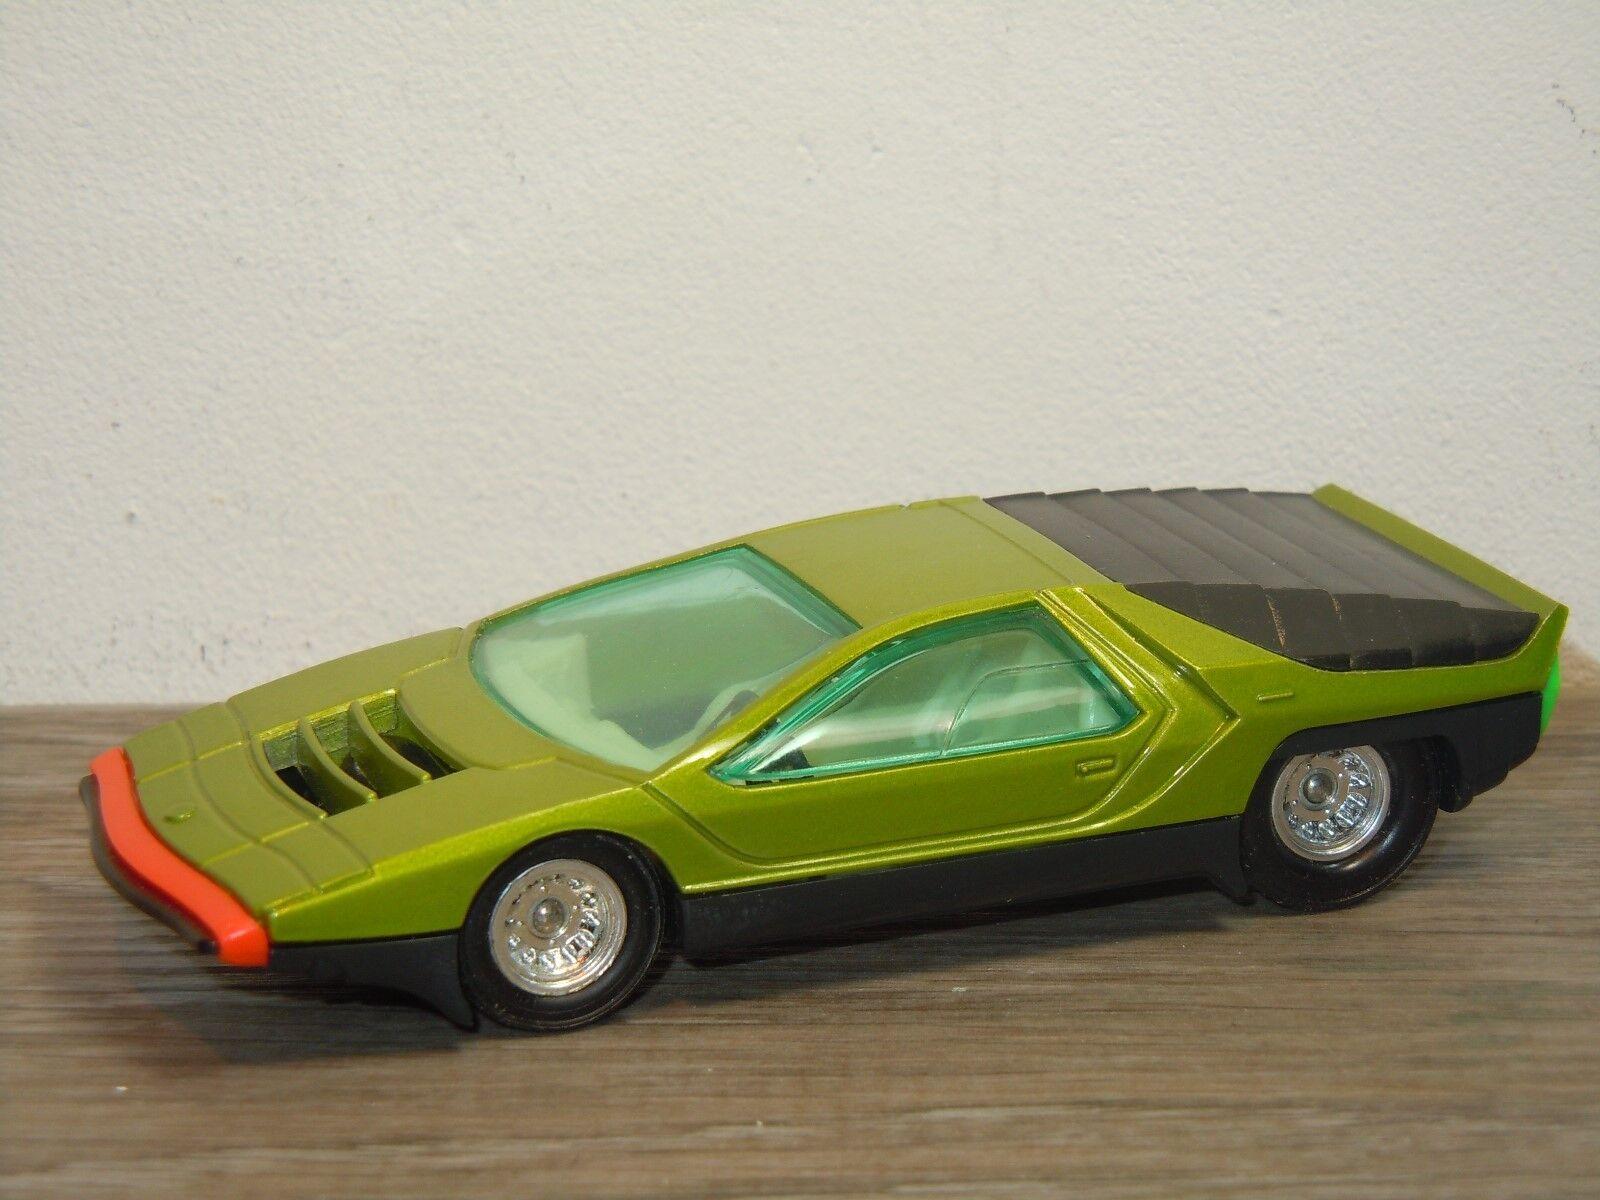 Carabo Bertone - Dinky Toys 1426 France 1 43 36143